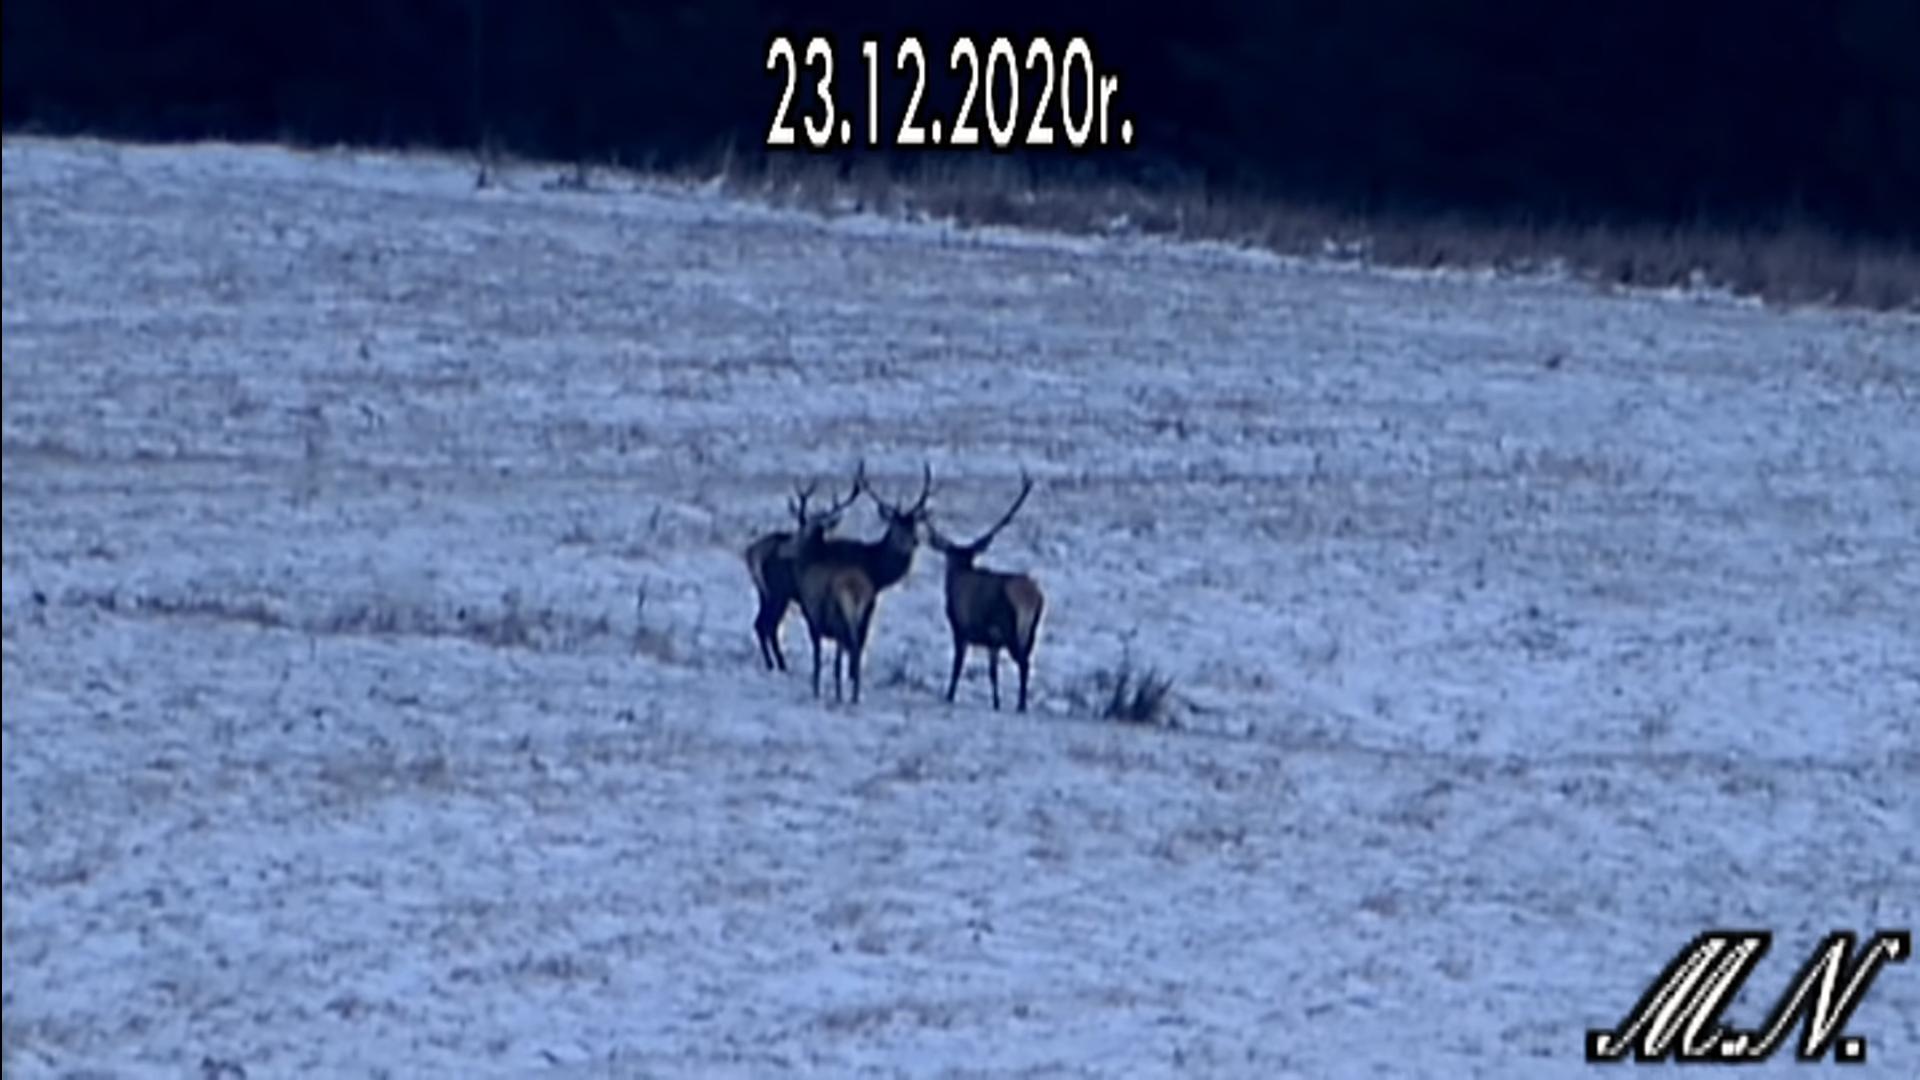 Bieszczadnik napotkał trzy jelenie na polanie - Zdjęcie główne